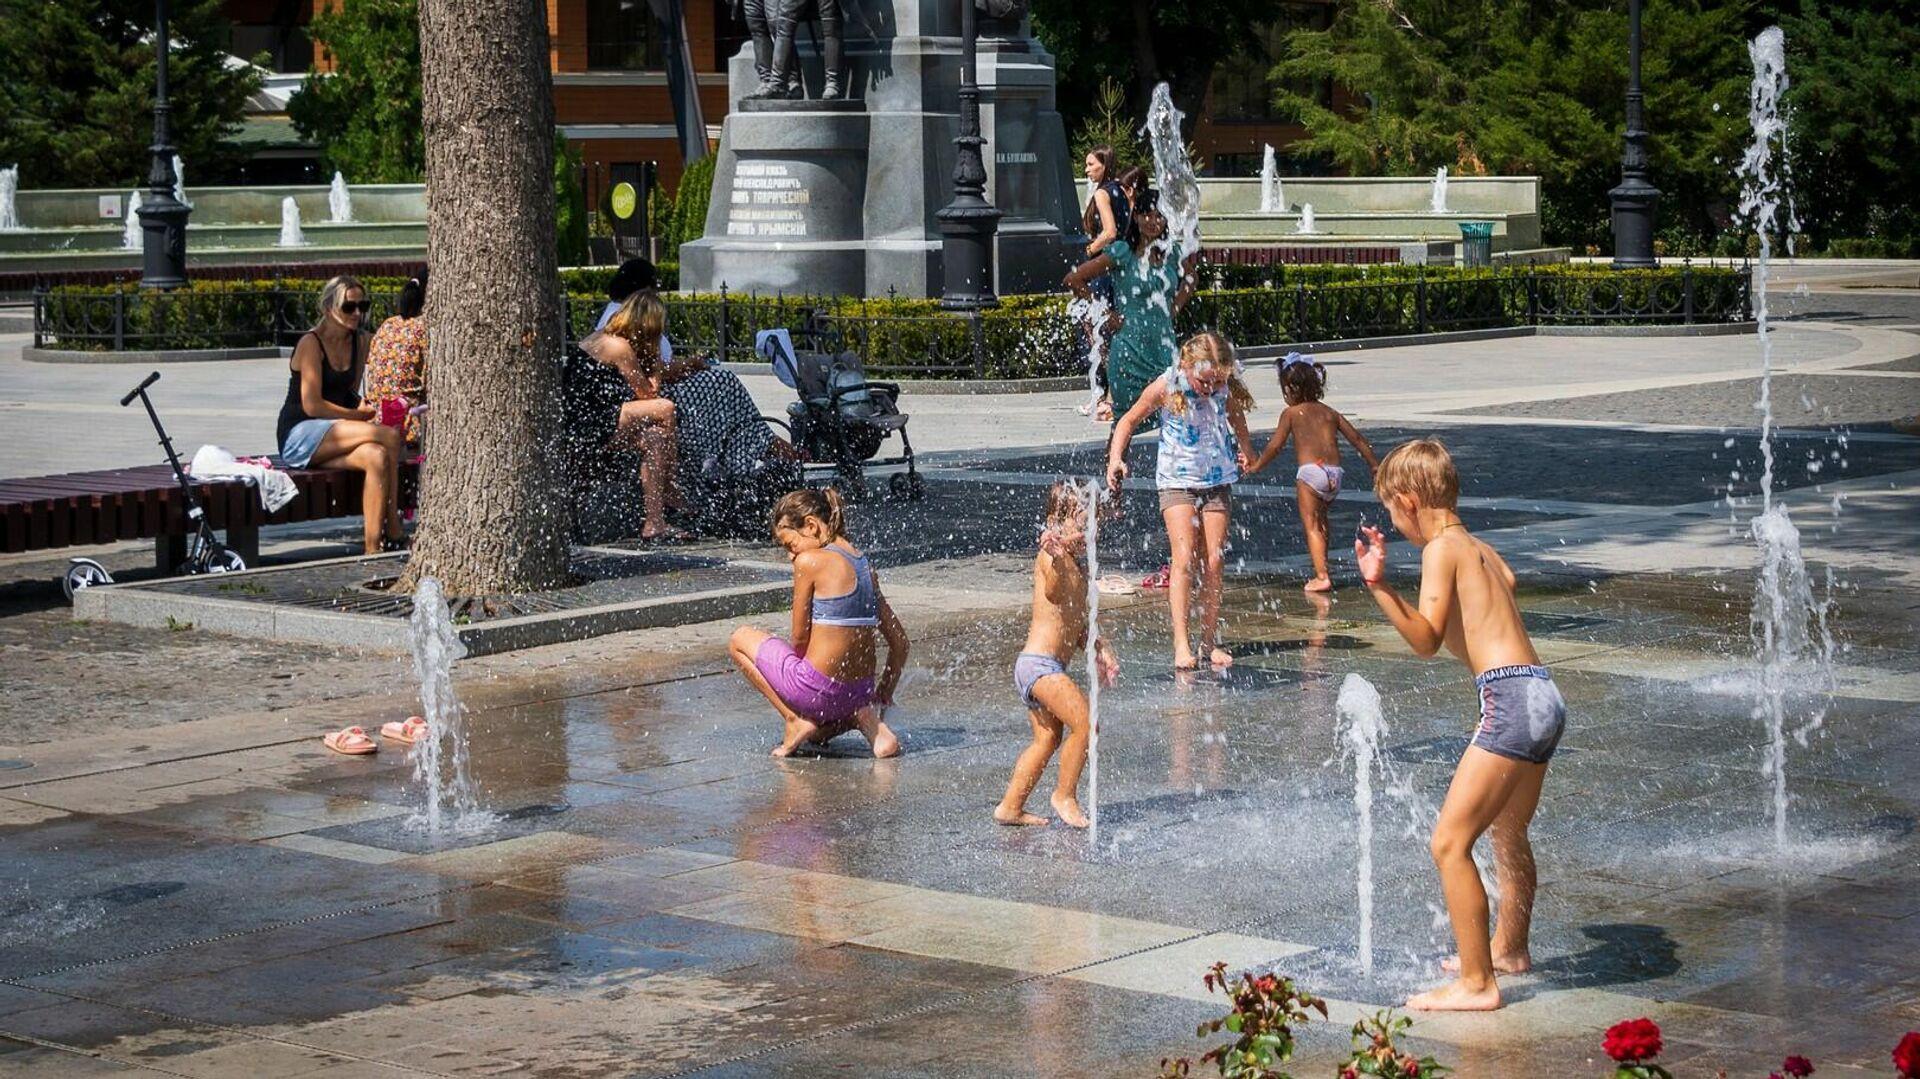 Дети купаются в городском фонтане - РИА Новости, 1920, 26.08.2021